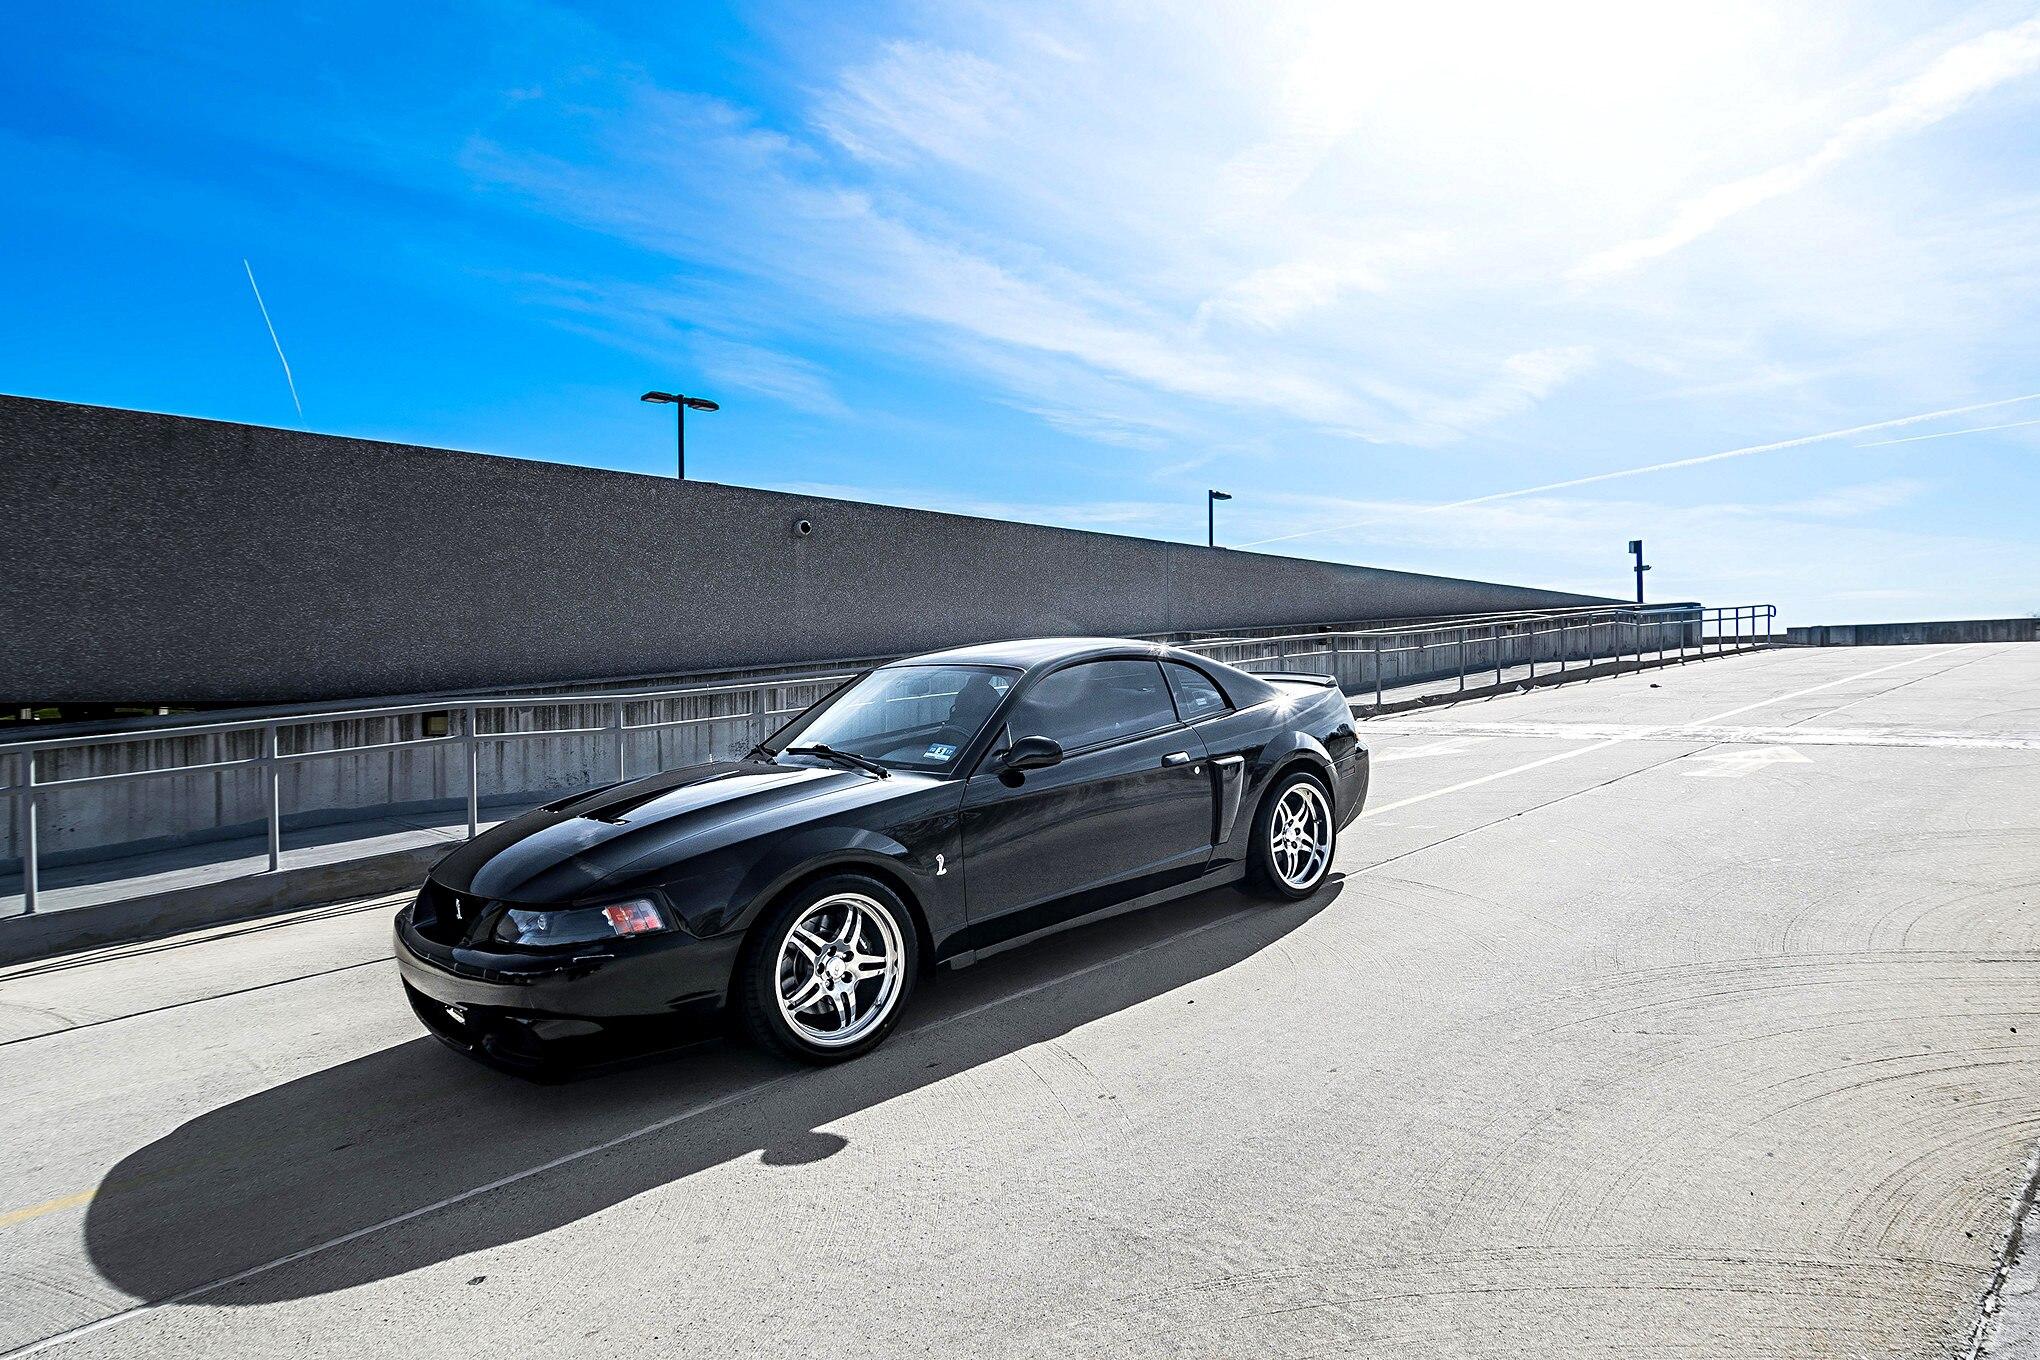 Carlos Black Cobra 9 2003 Ford Mustang Terminator